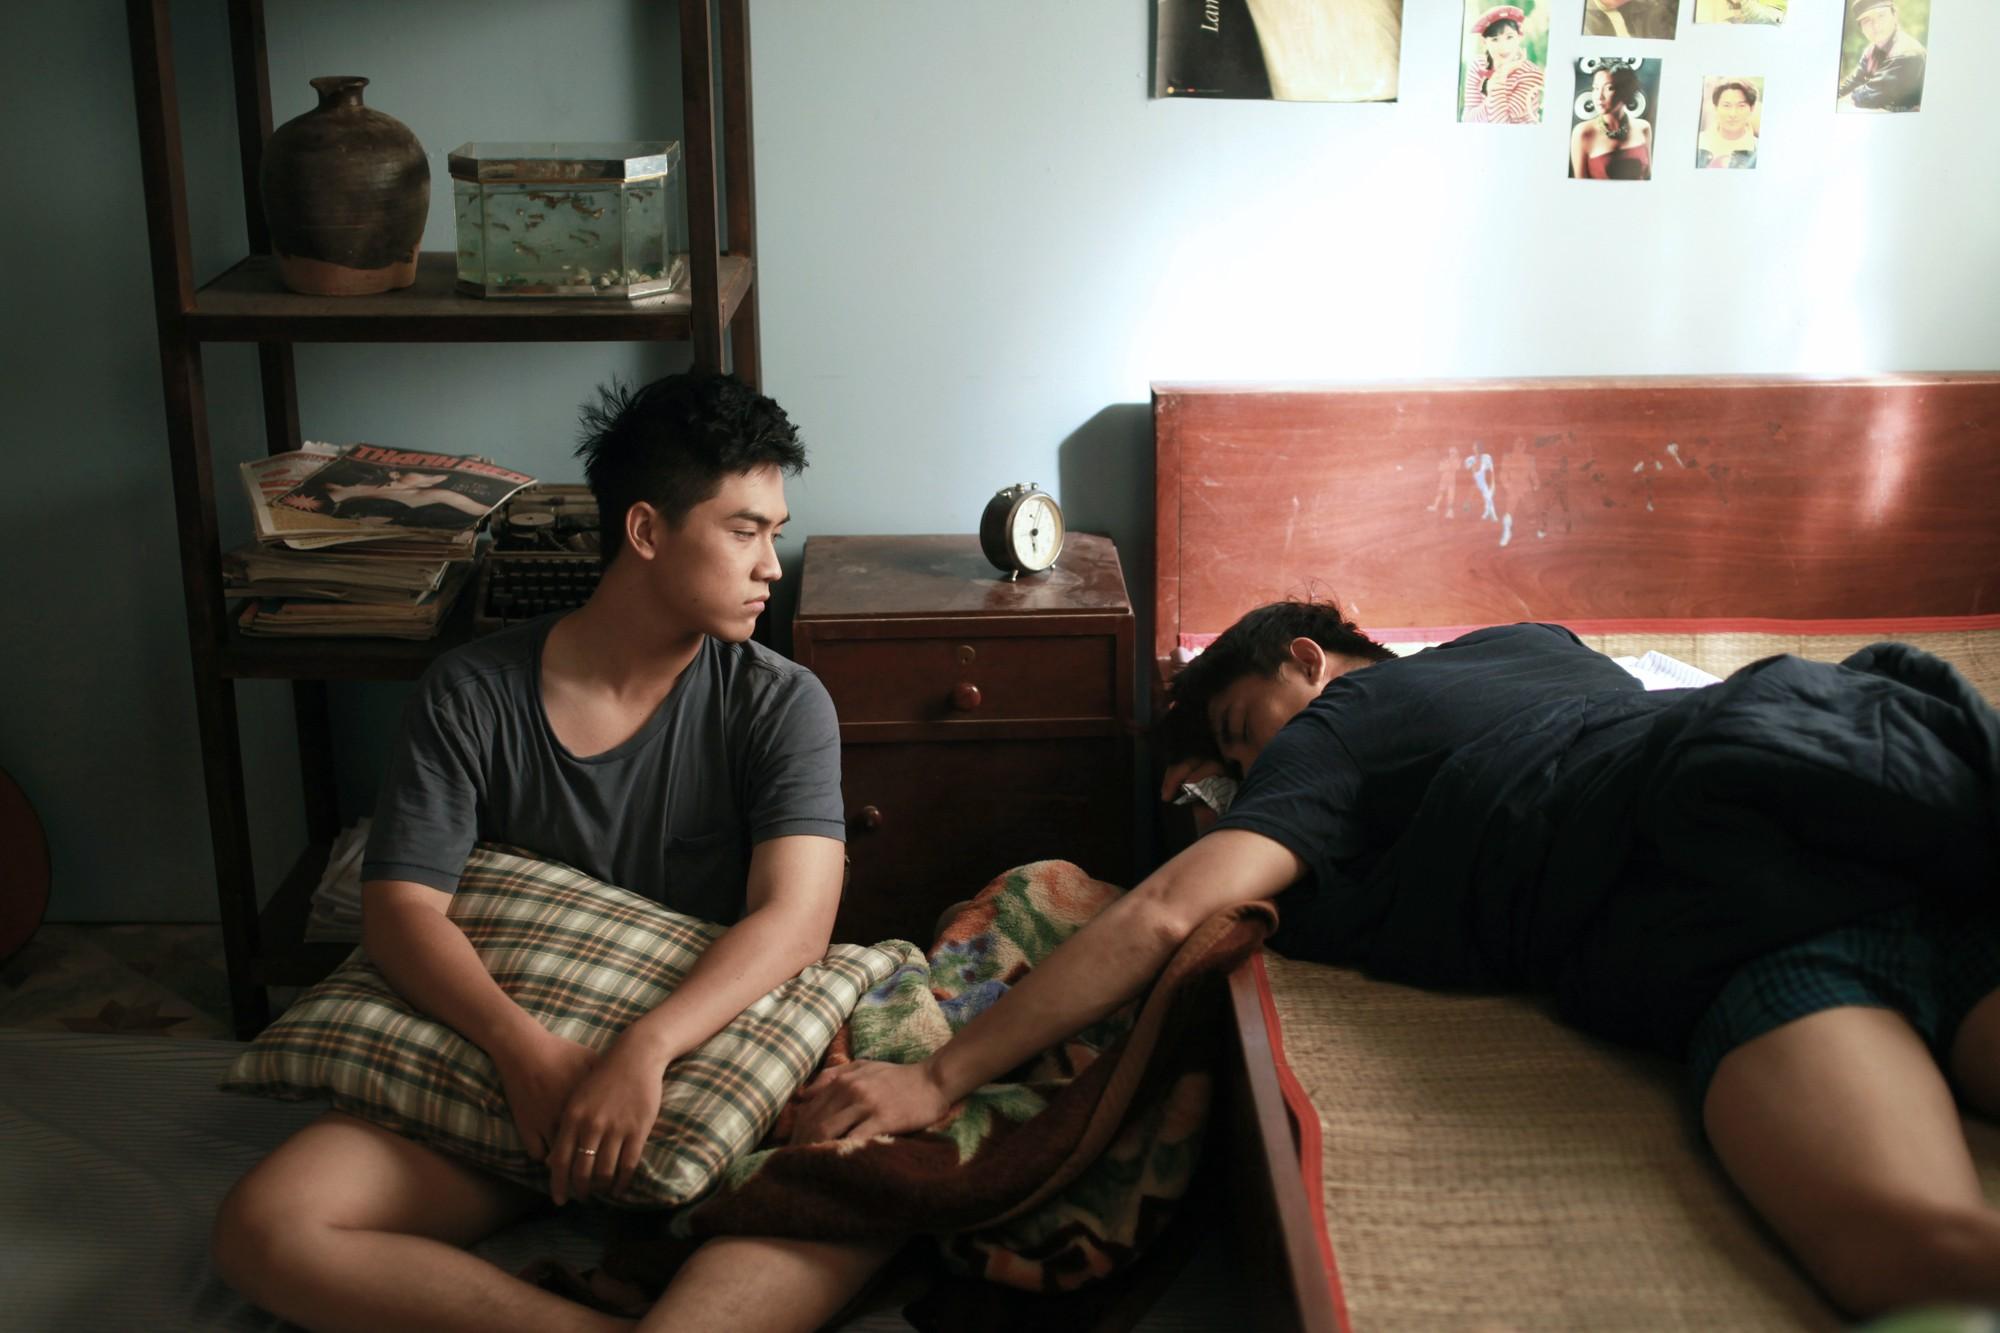 Hoàng thượng của Chipu bất ngờ comeout, cuồng nhiệt hôn trai đẹp trong trailer Thưa Mẹ Con Đi - Ảnh 4.